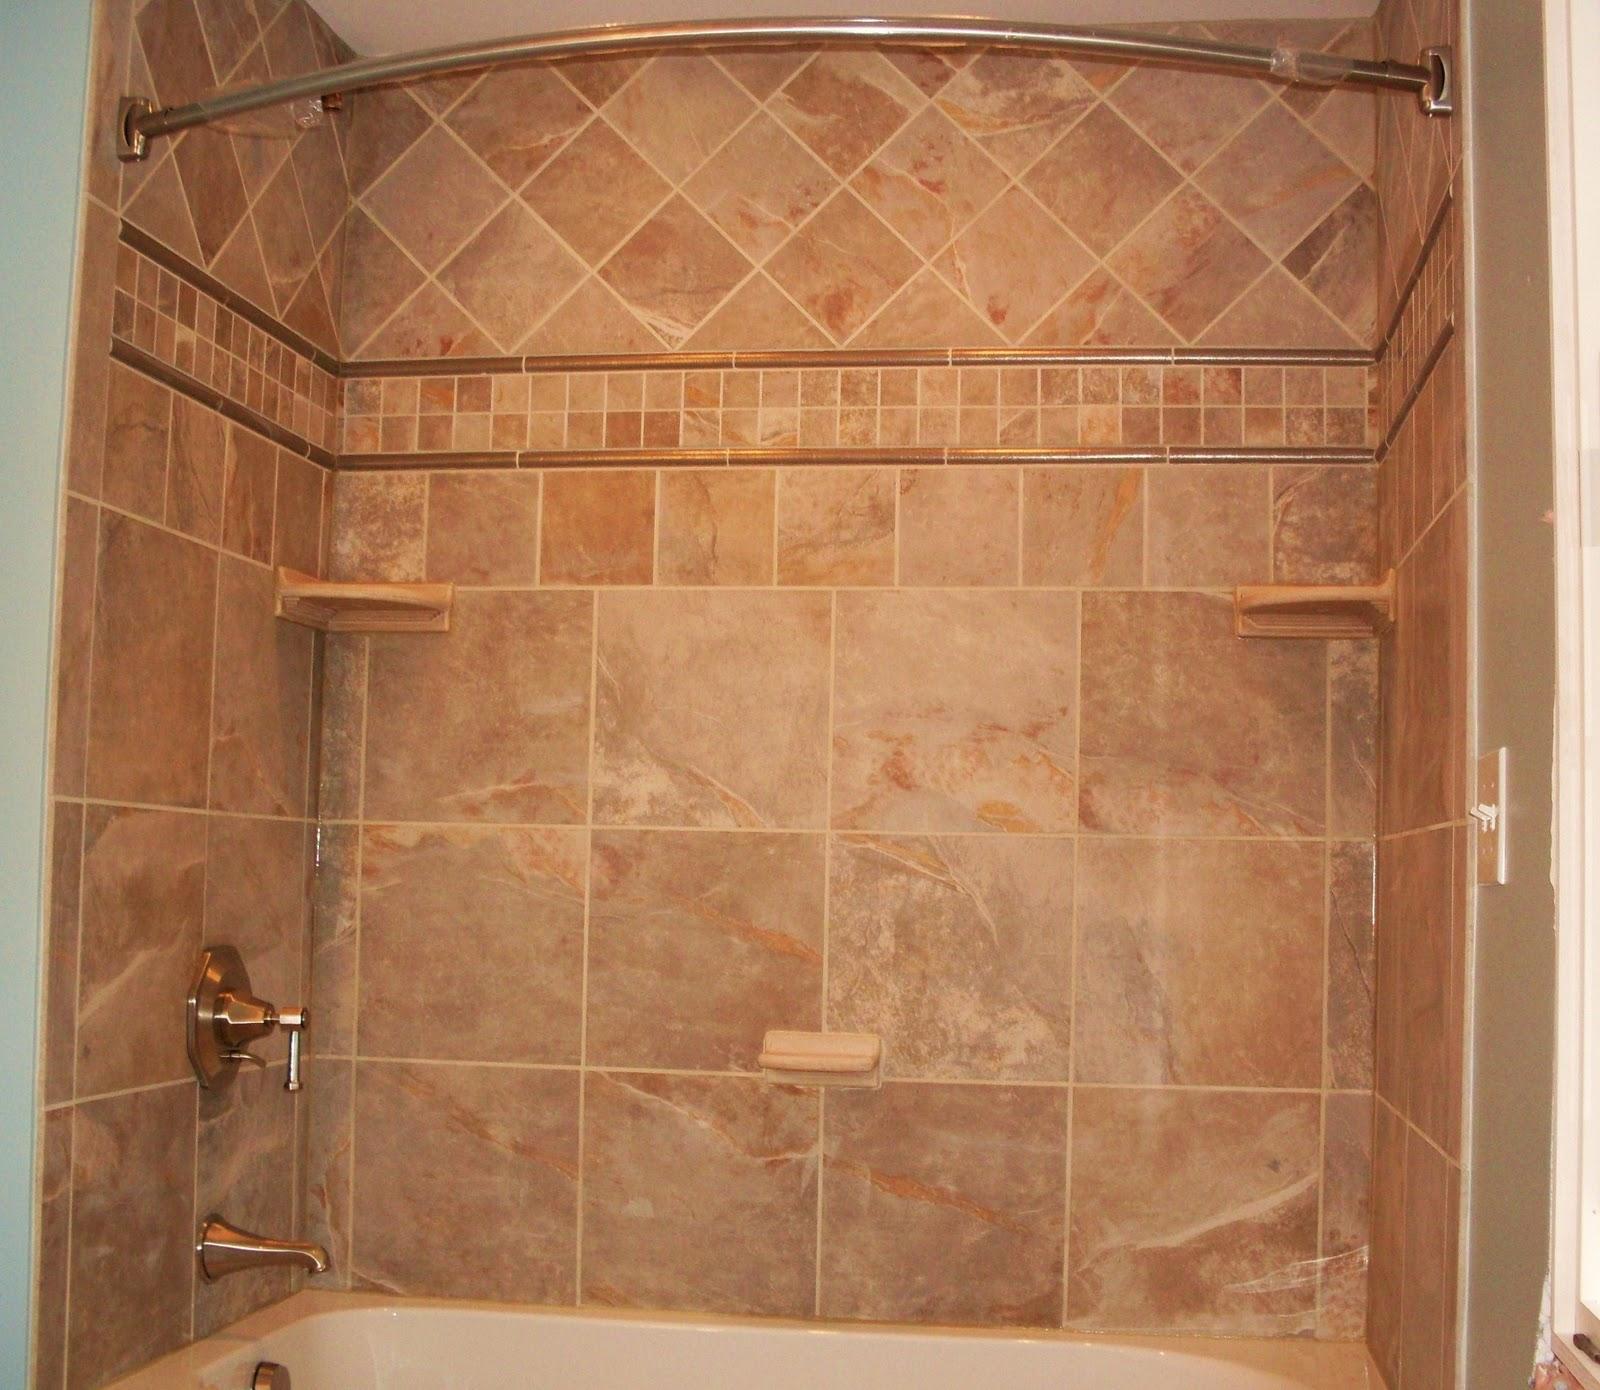 Bathroom Tub Surround Tile Ideas: Remodel Ideas On Pinterest